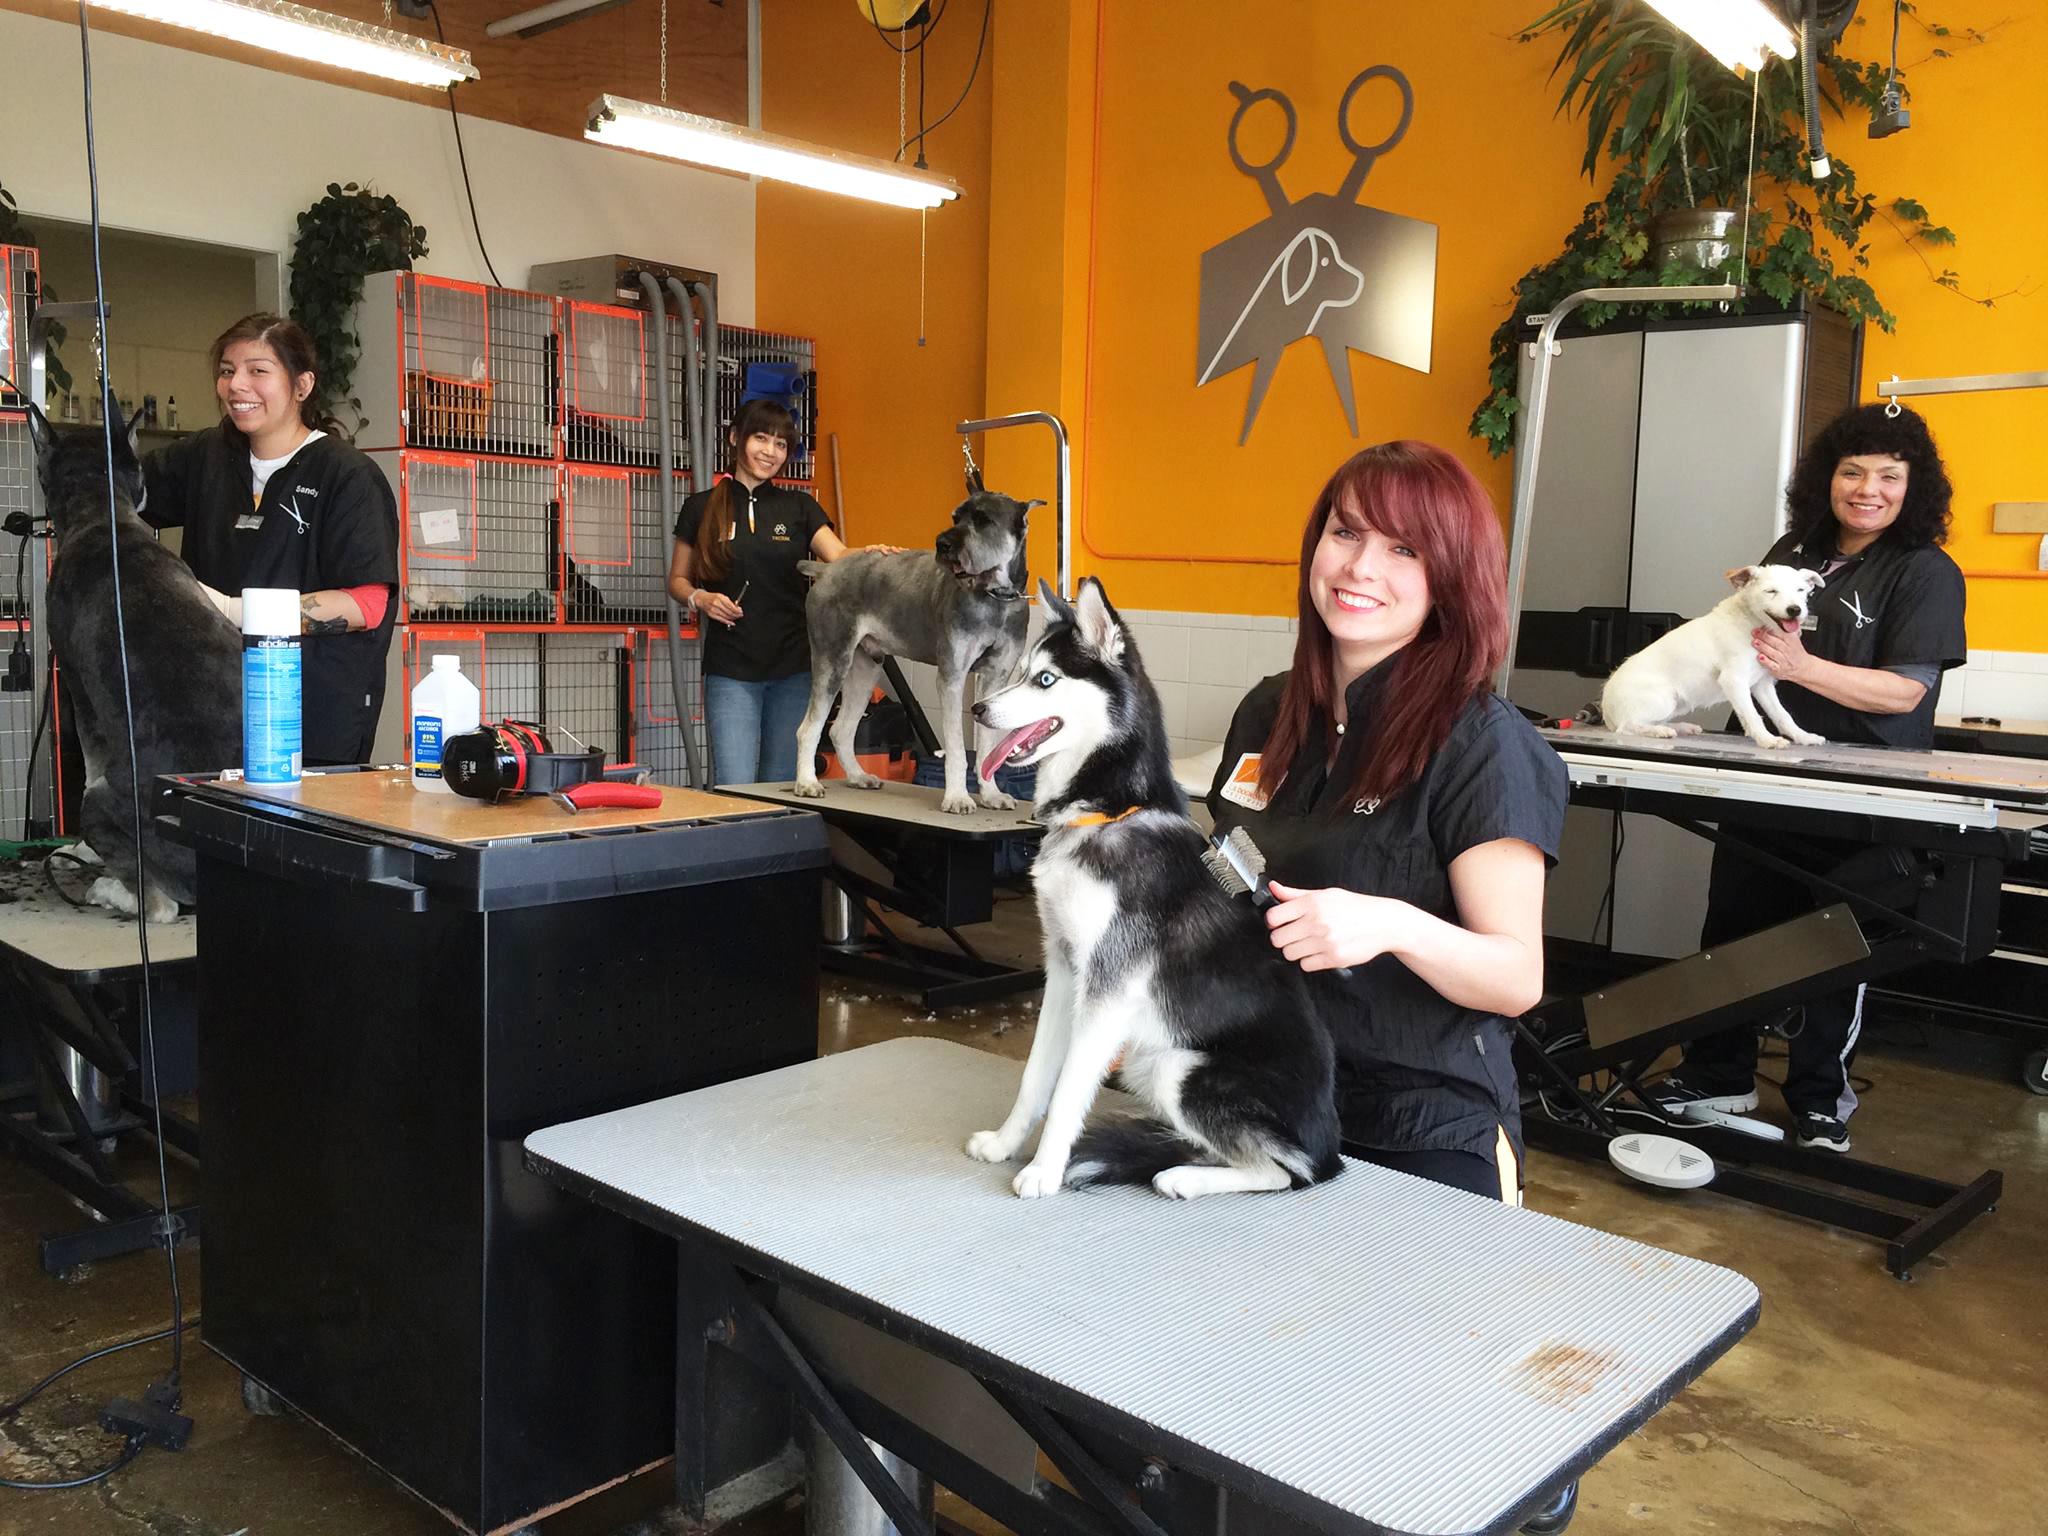 Dogilike.com :: กว่าจะเป็น กูรูด้านตัดขนสุนัข กรูมเมอร์หญิงไทยเพียงหนึ่งเดียวในลอสแอนเจลิส